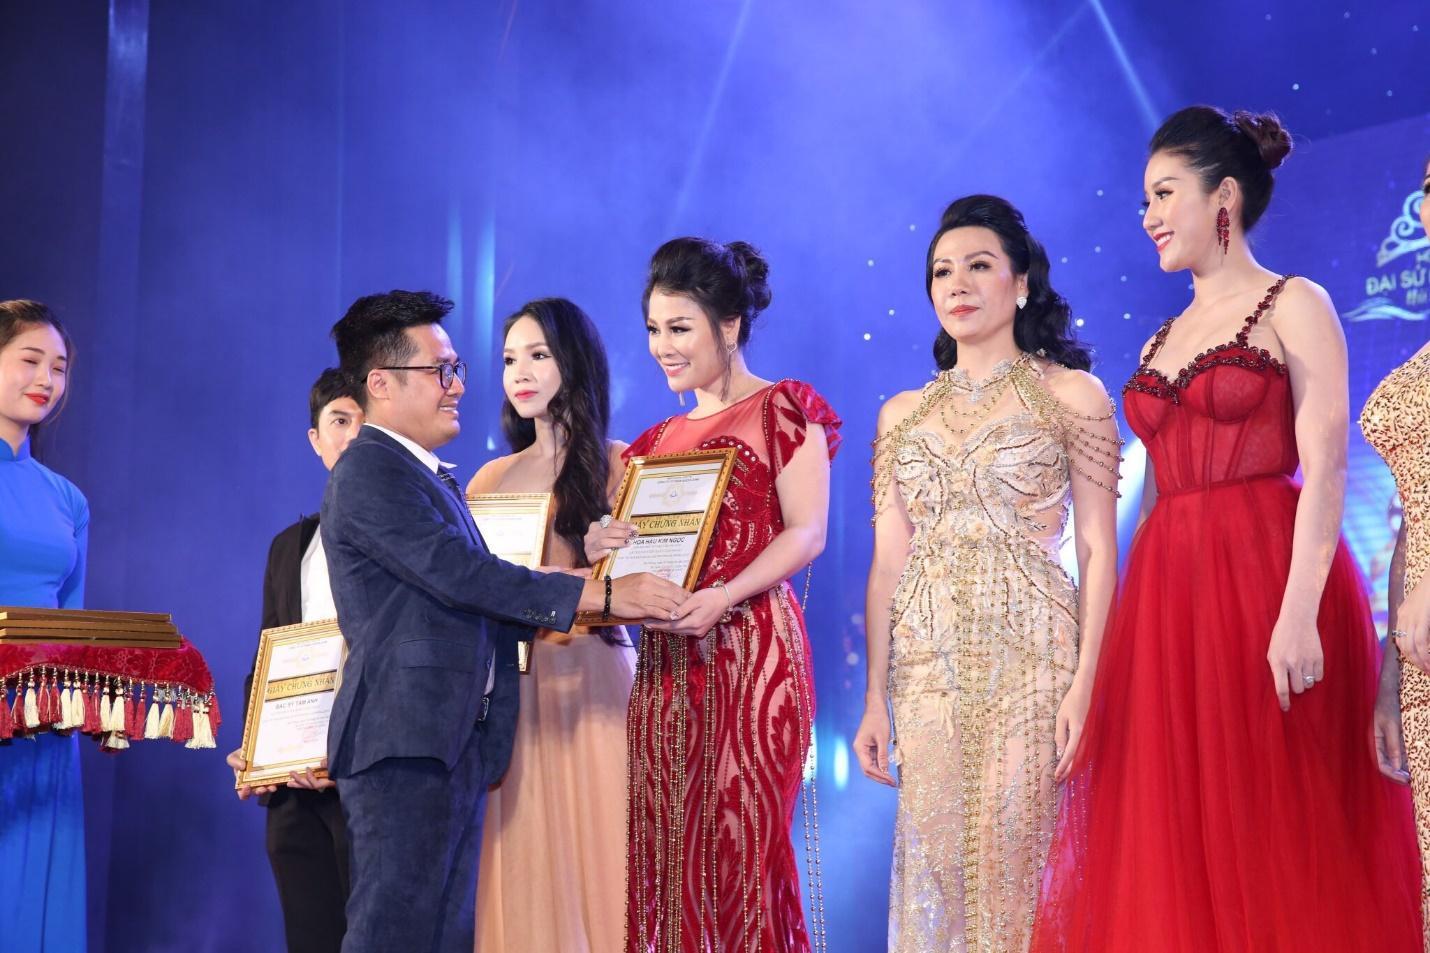 Hoa hậu doanh nhân Đàm Hương Thủy nổi bật khi ngồi ghế giám khảo Hoa khôi Đại sứ môi trường Hải Phòng năm 2019  - Ảnh 7